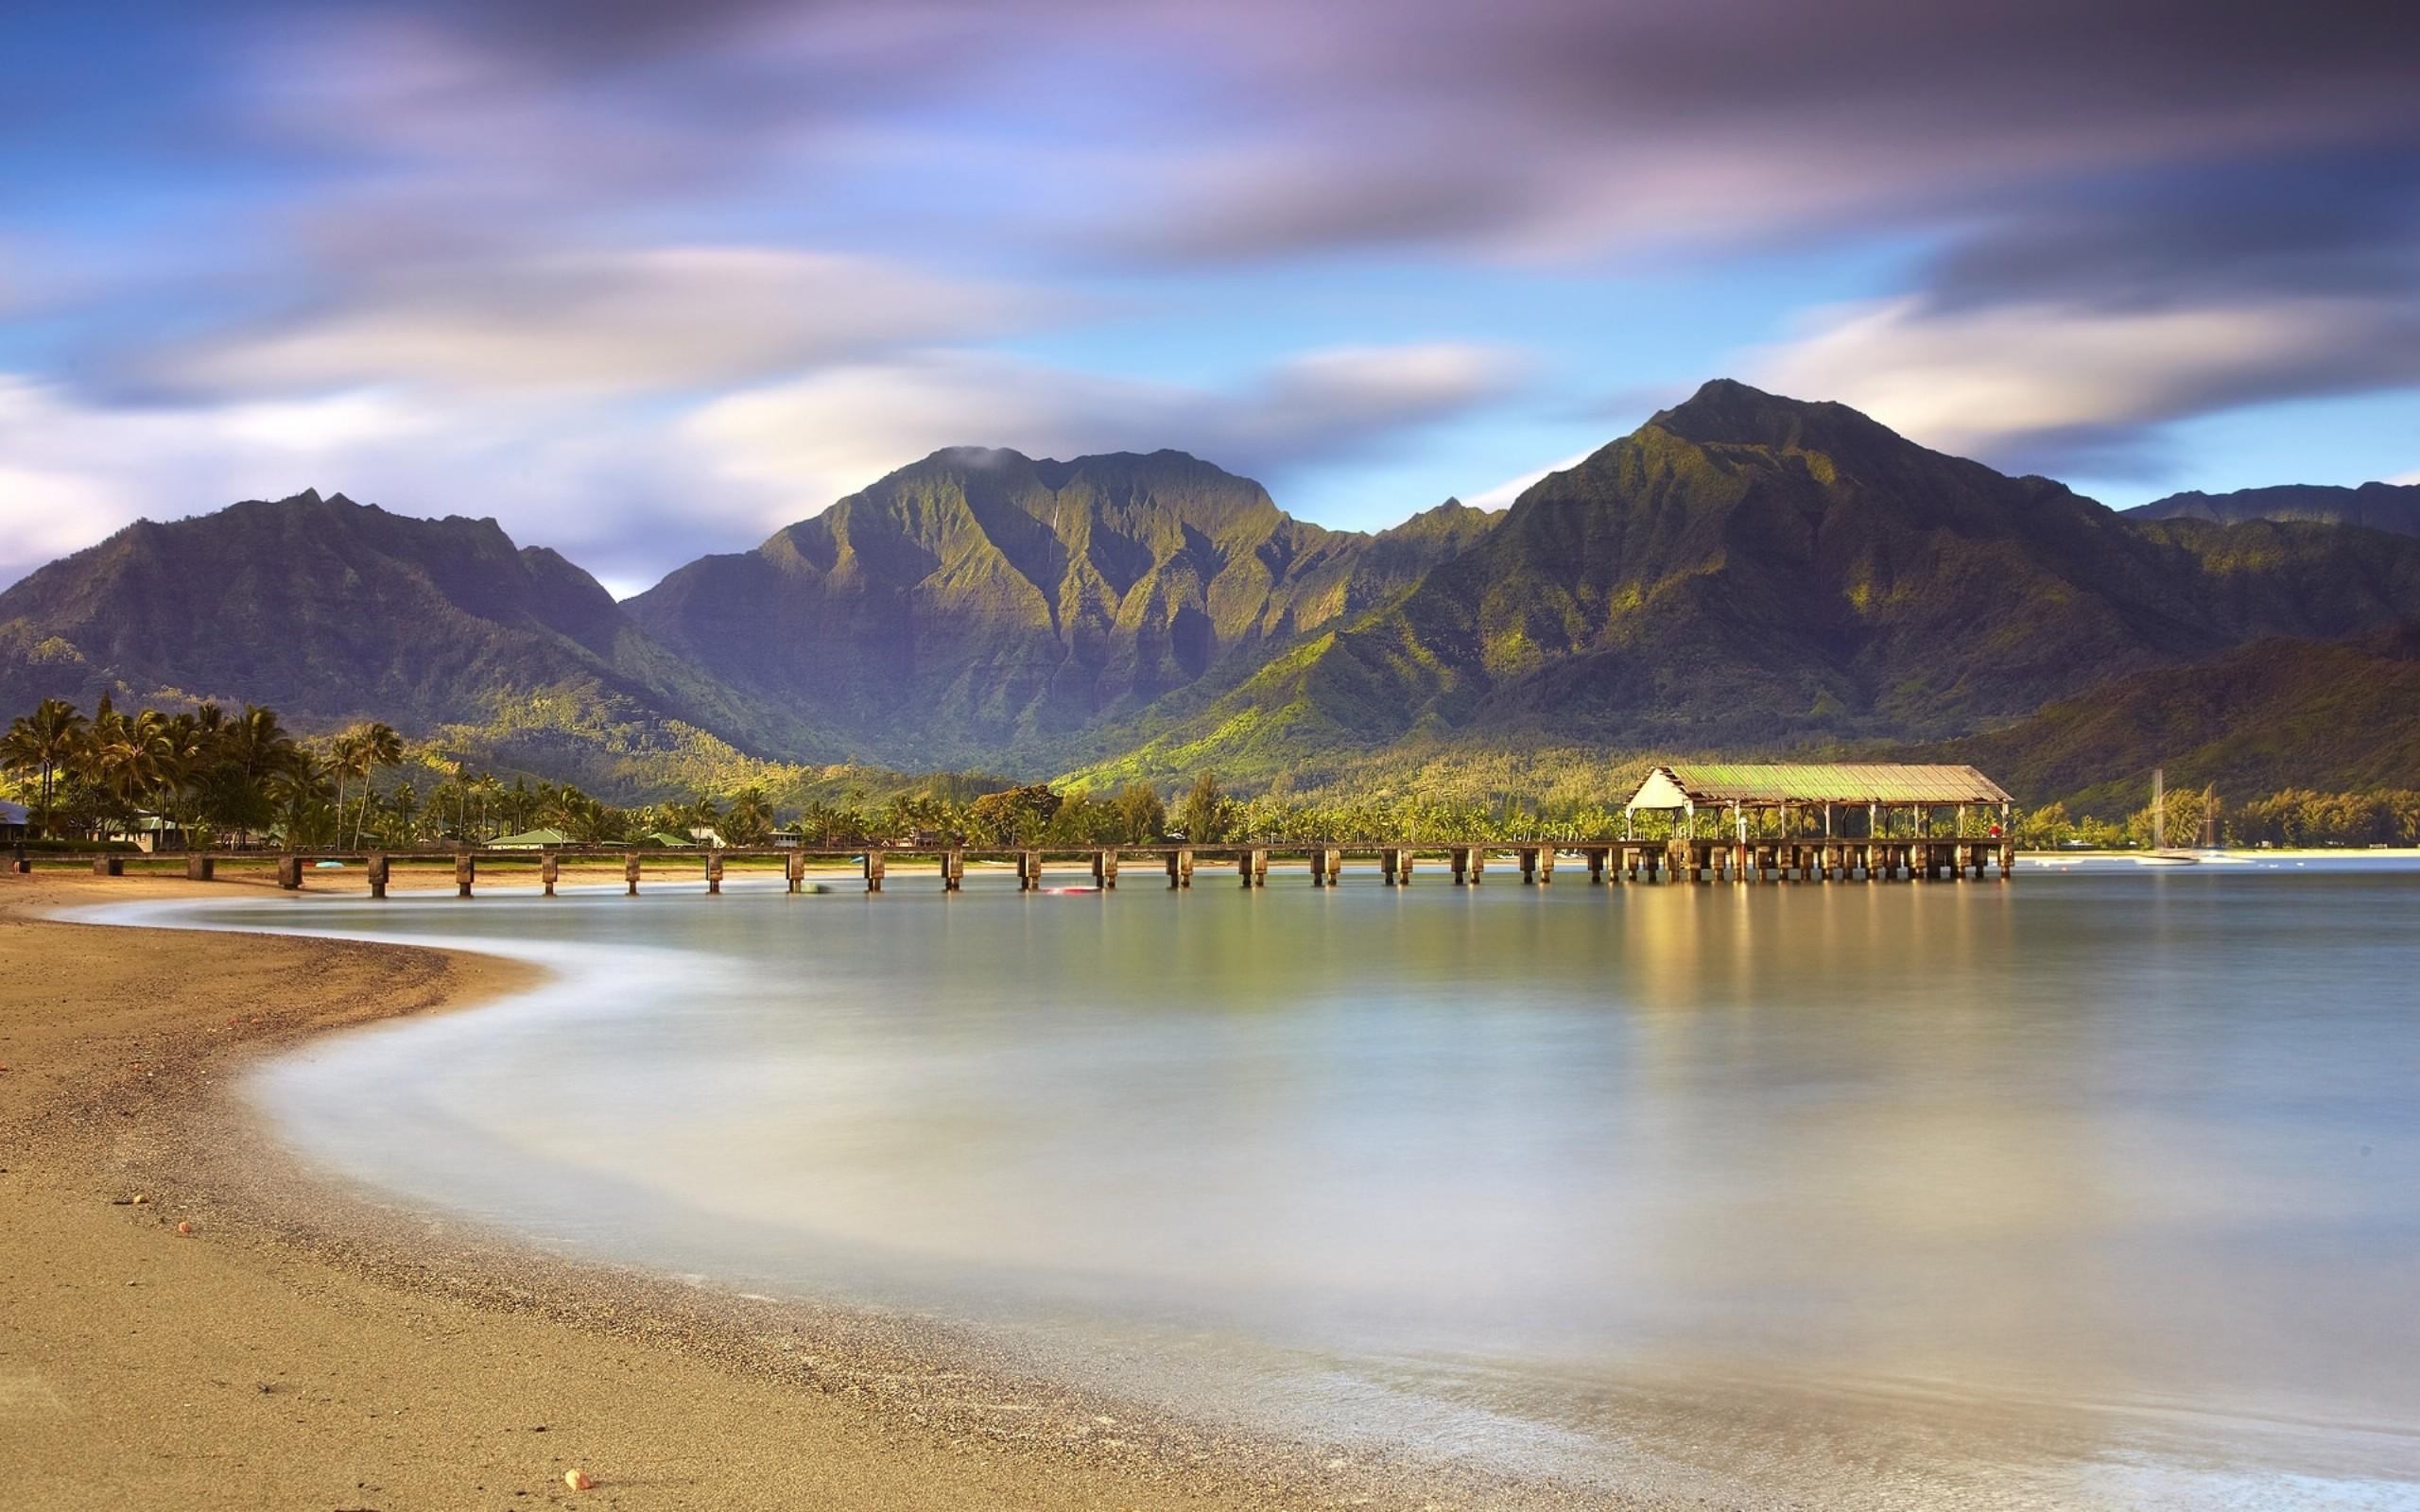 Montañas y playas - 2560x1600